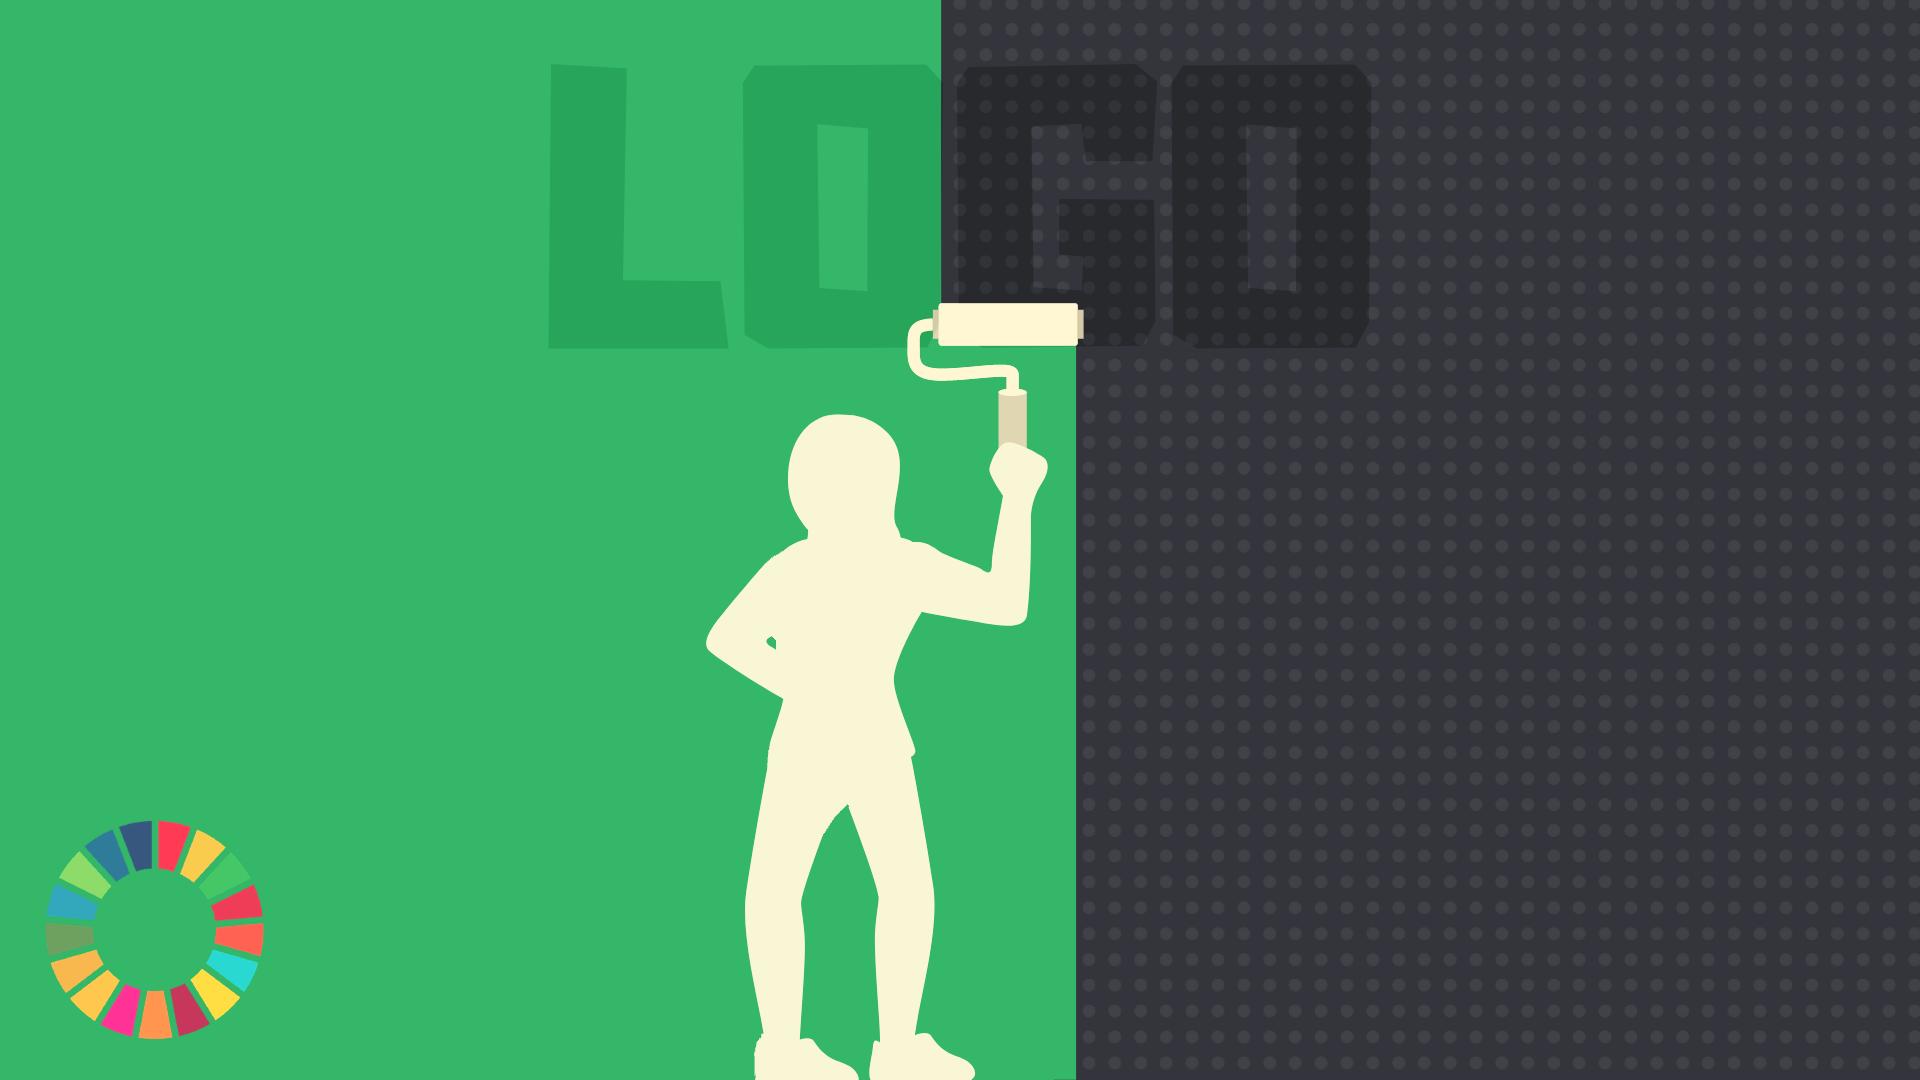 Illustration til artiklen 'Greenwashing - når grøn bliver det nye sort'